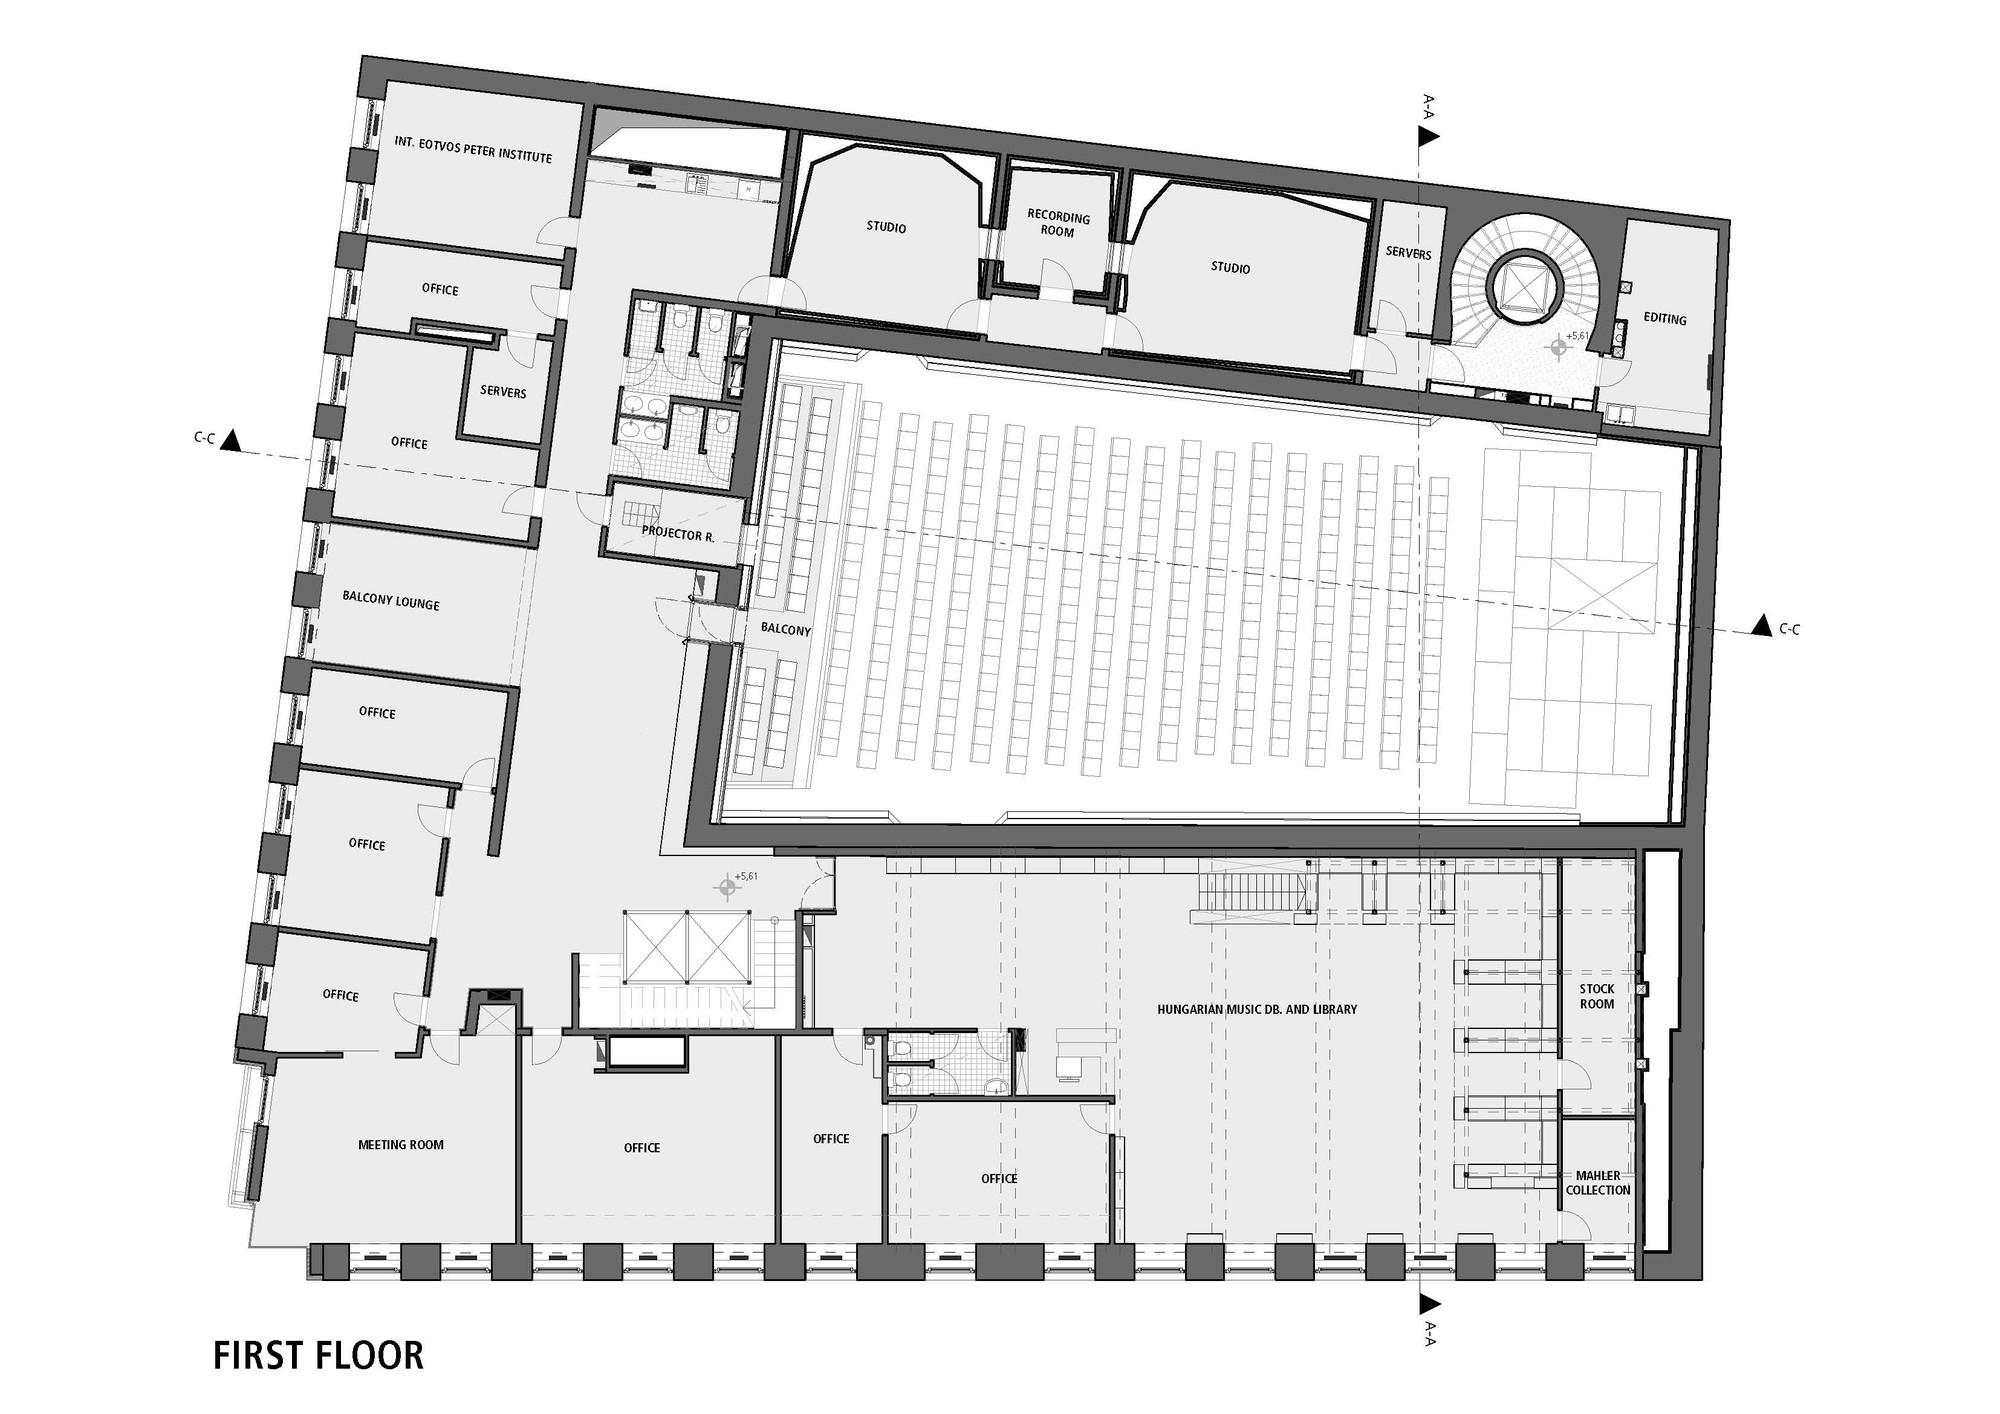 Gallery Of Budapest Music Center / Art1st Design Studio